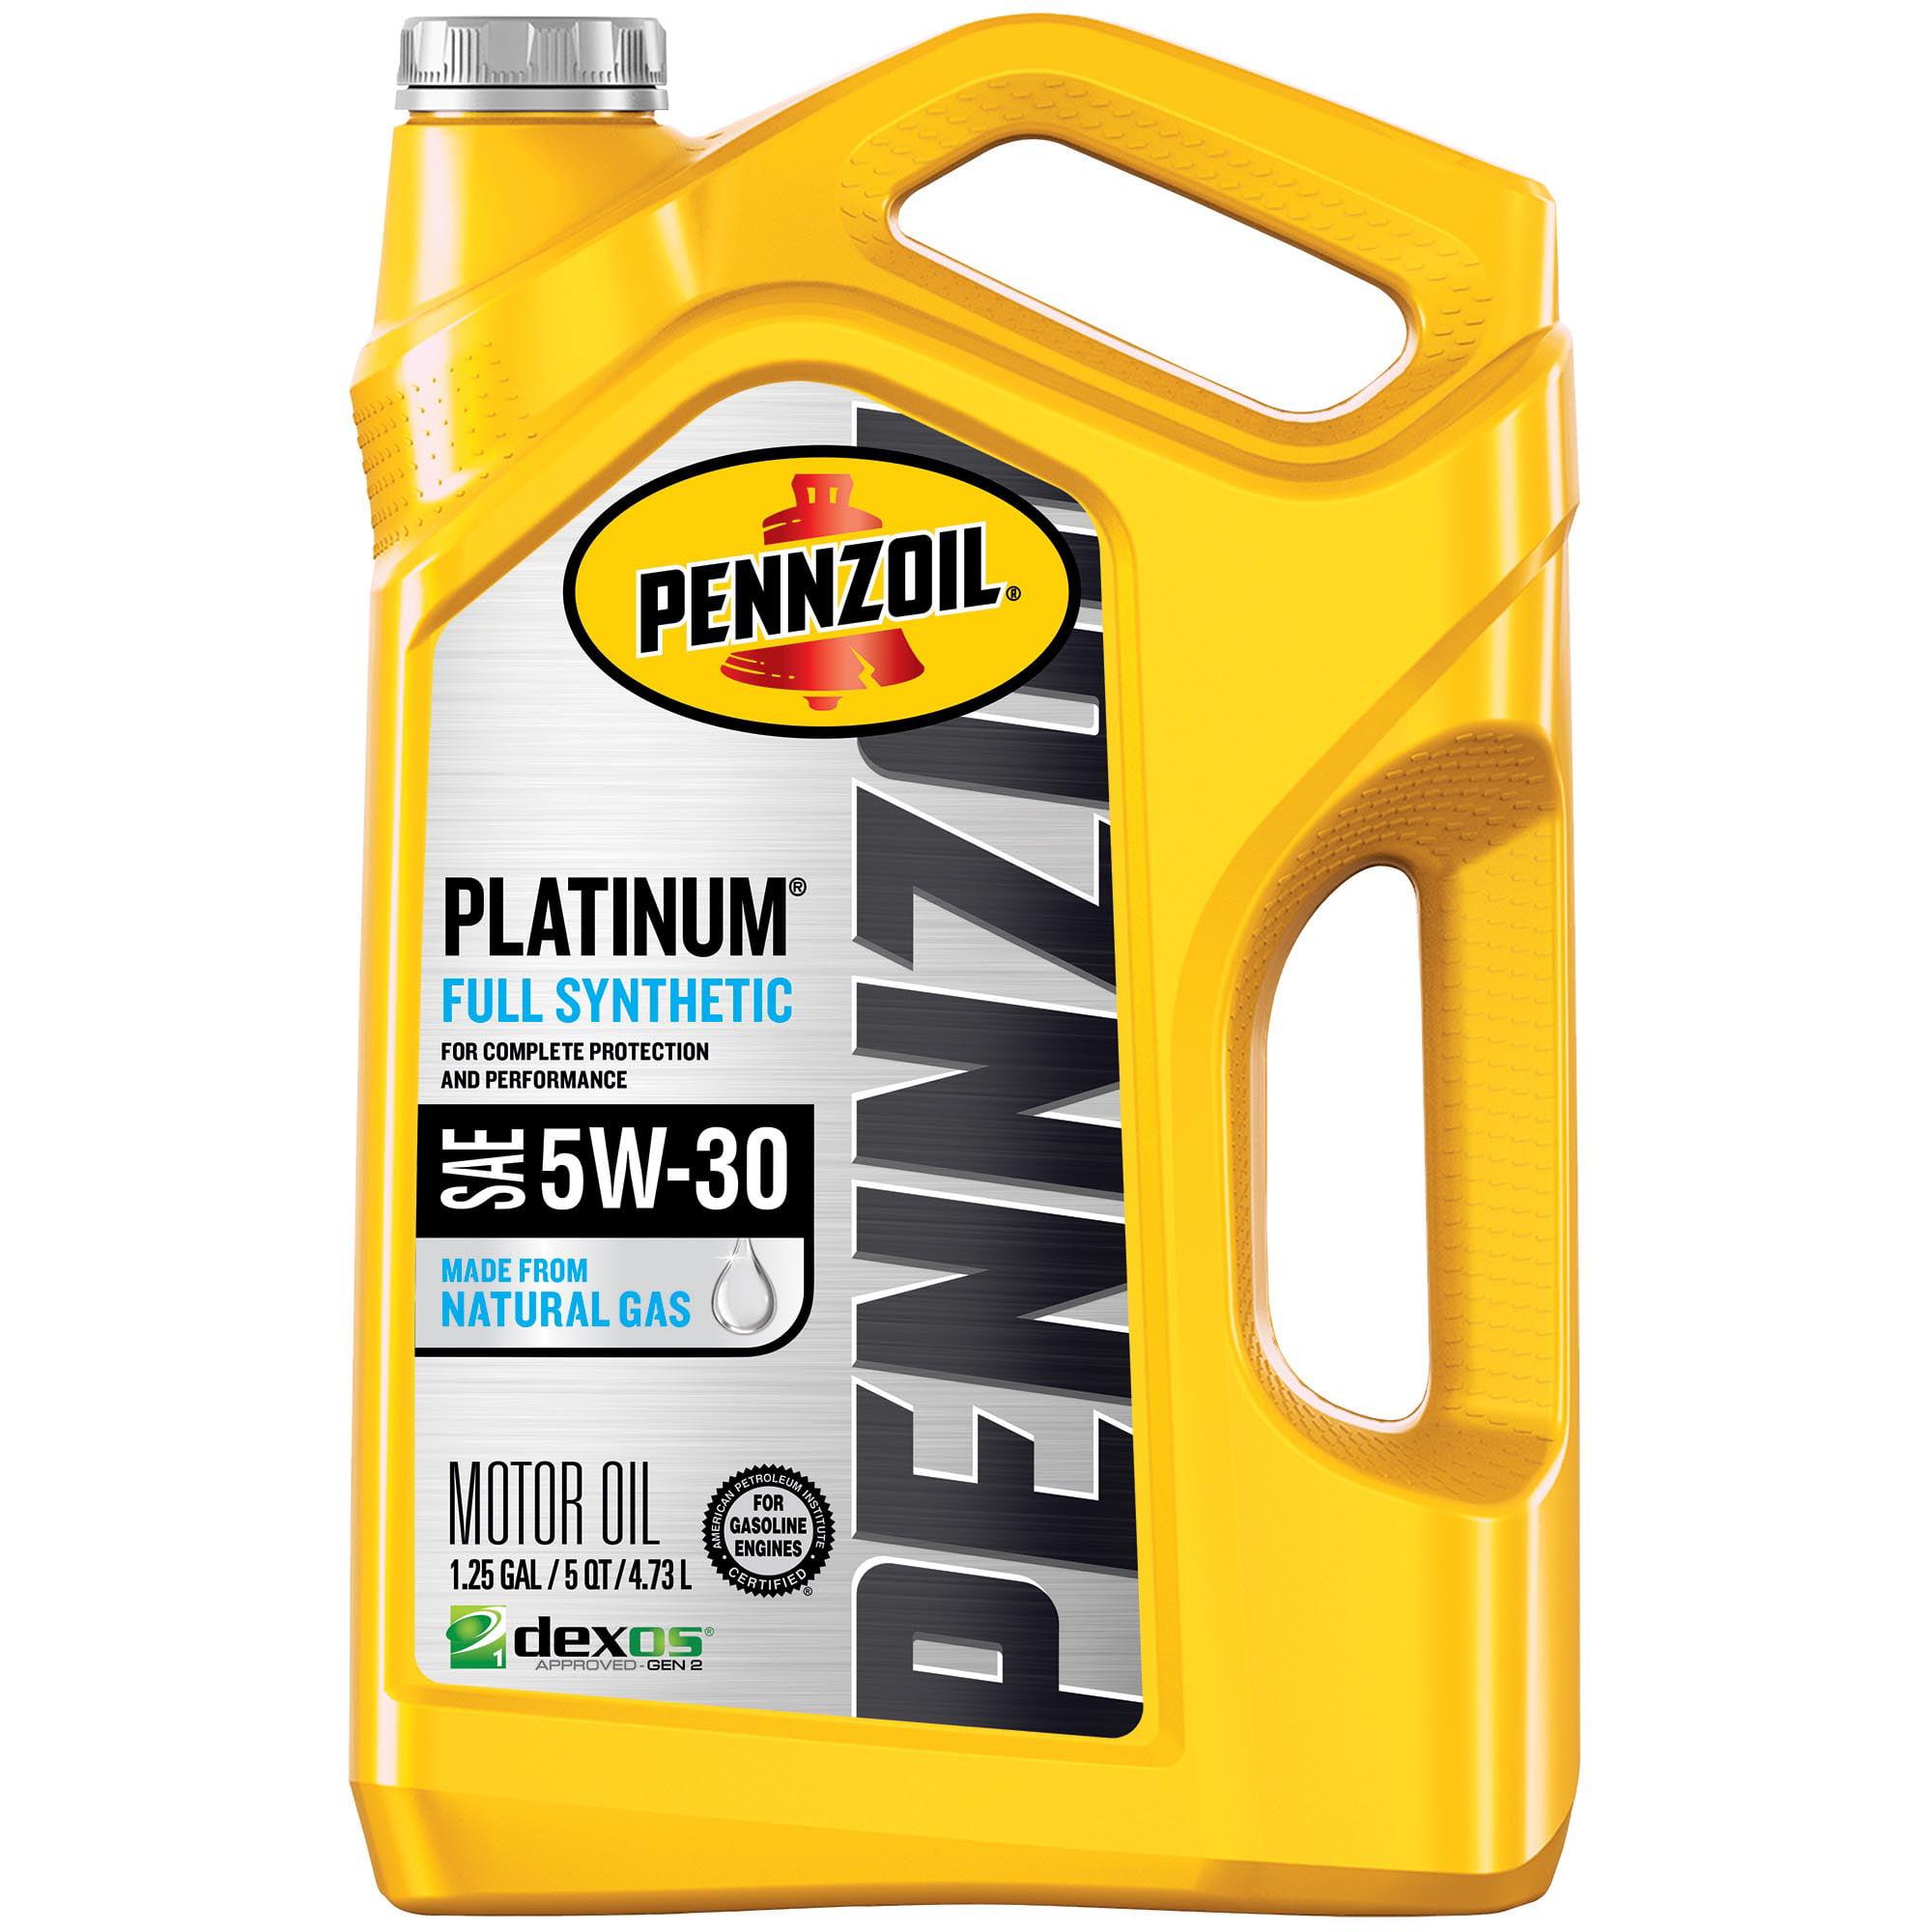 Pennzoil Platinum 5W-30 Full Synthetic Motor Oil, 5 Quart